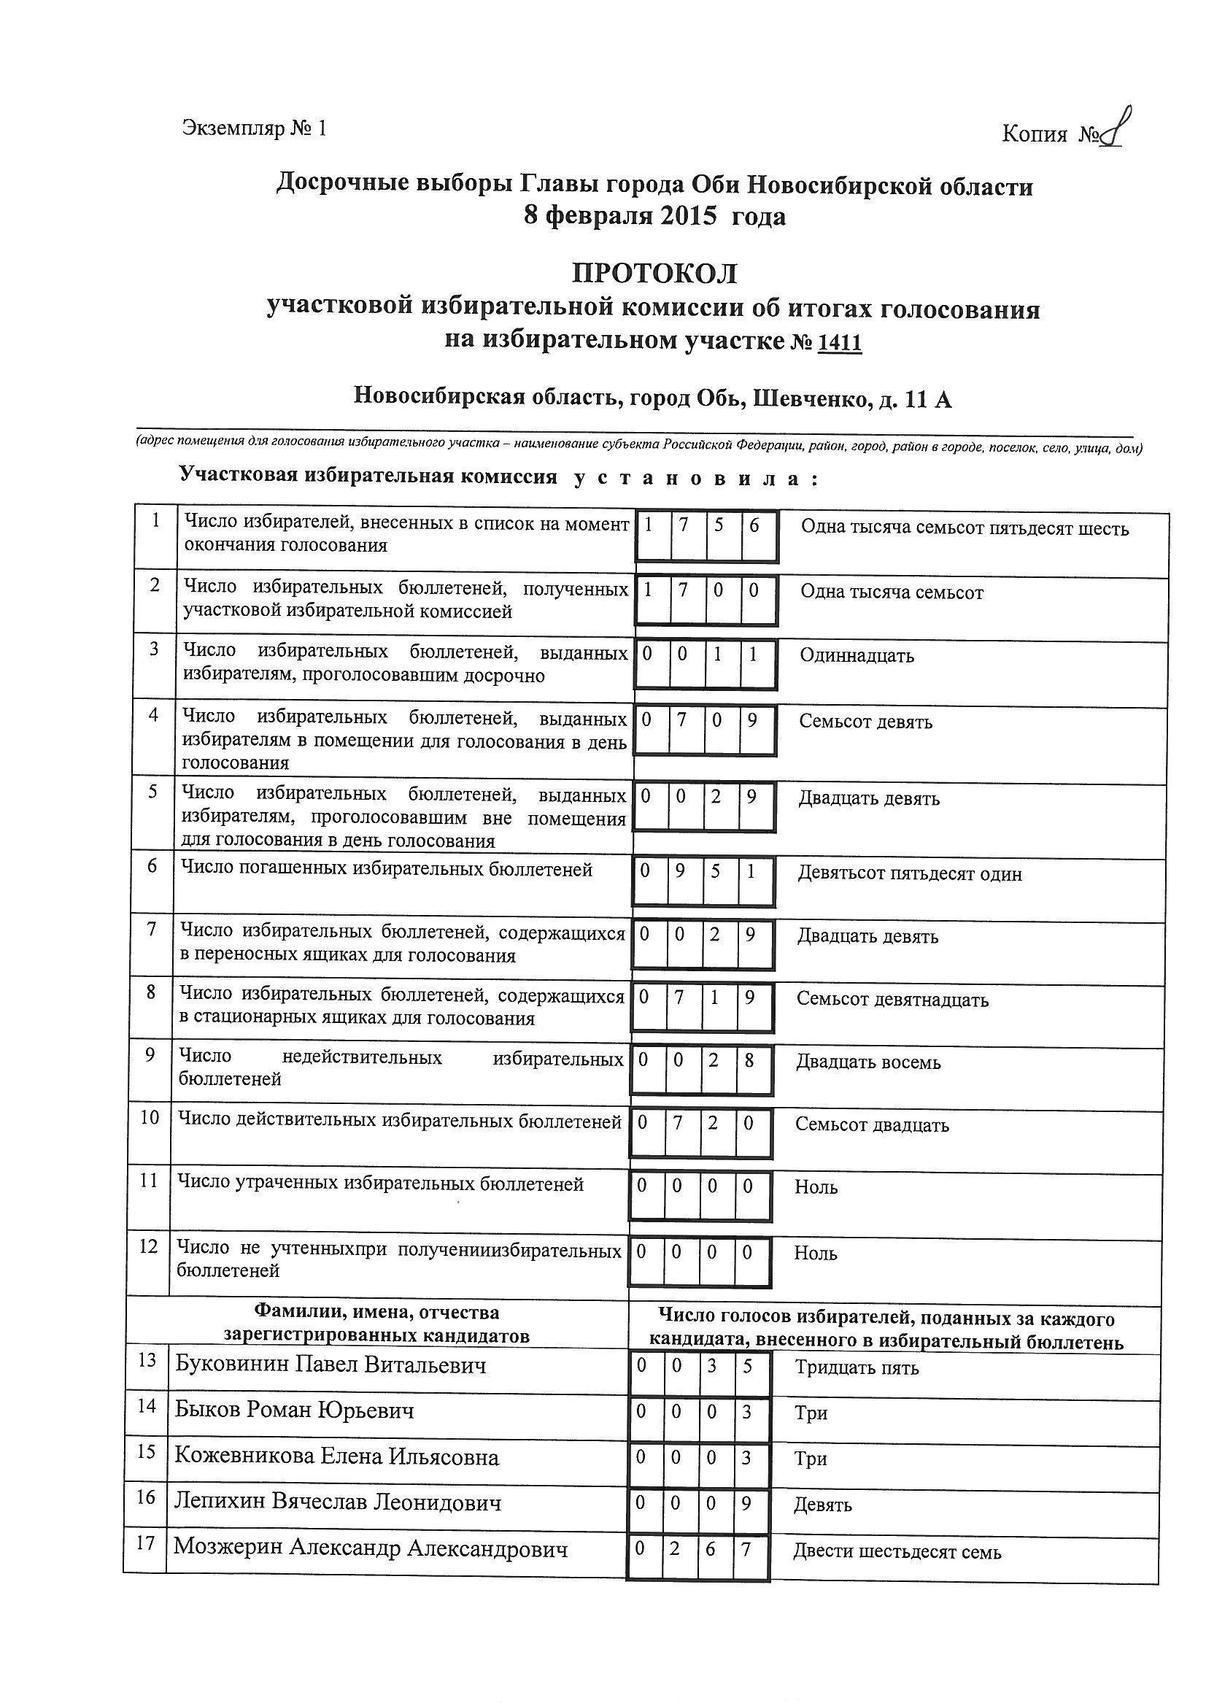 УИК №1411_1